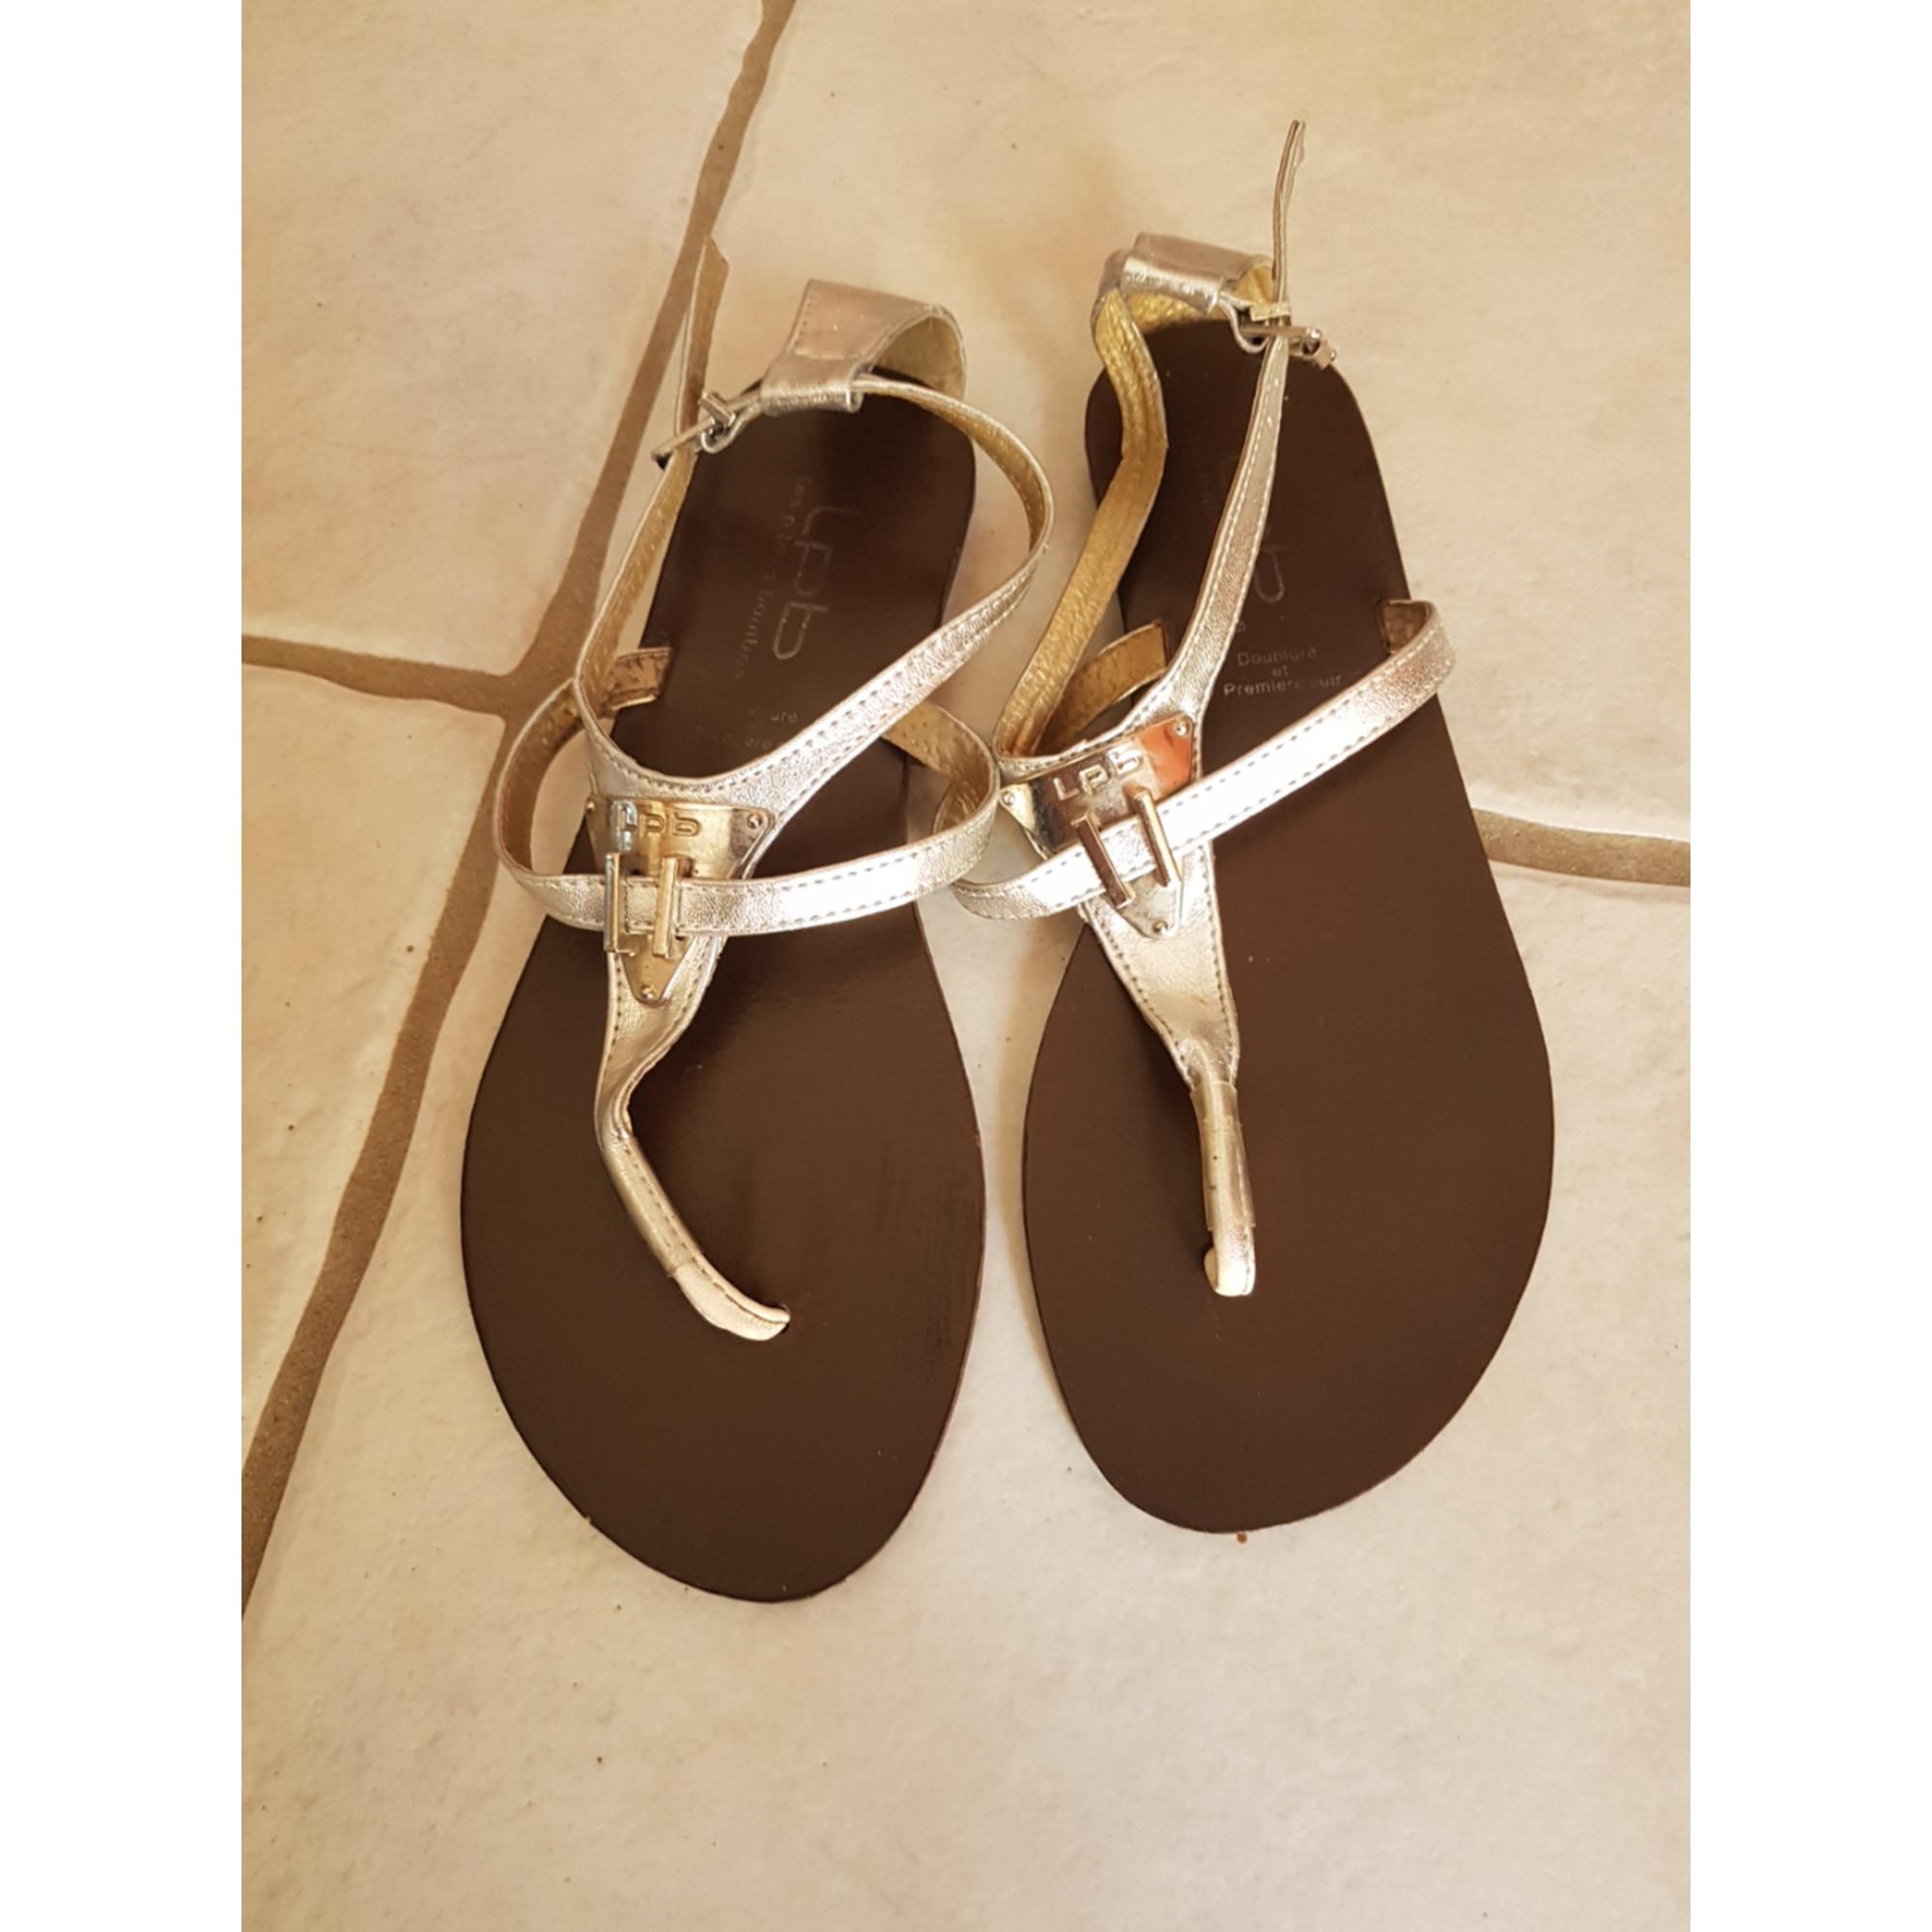 Sandales plates LES PETITES BOMBES 39 argenté vendu par Sasca - 7780082 991eb43dc68a